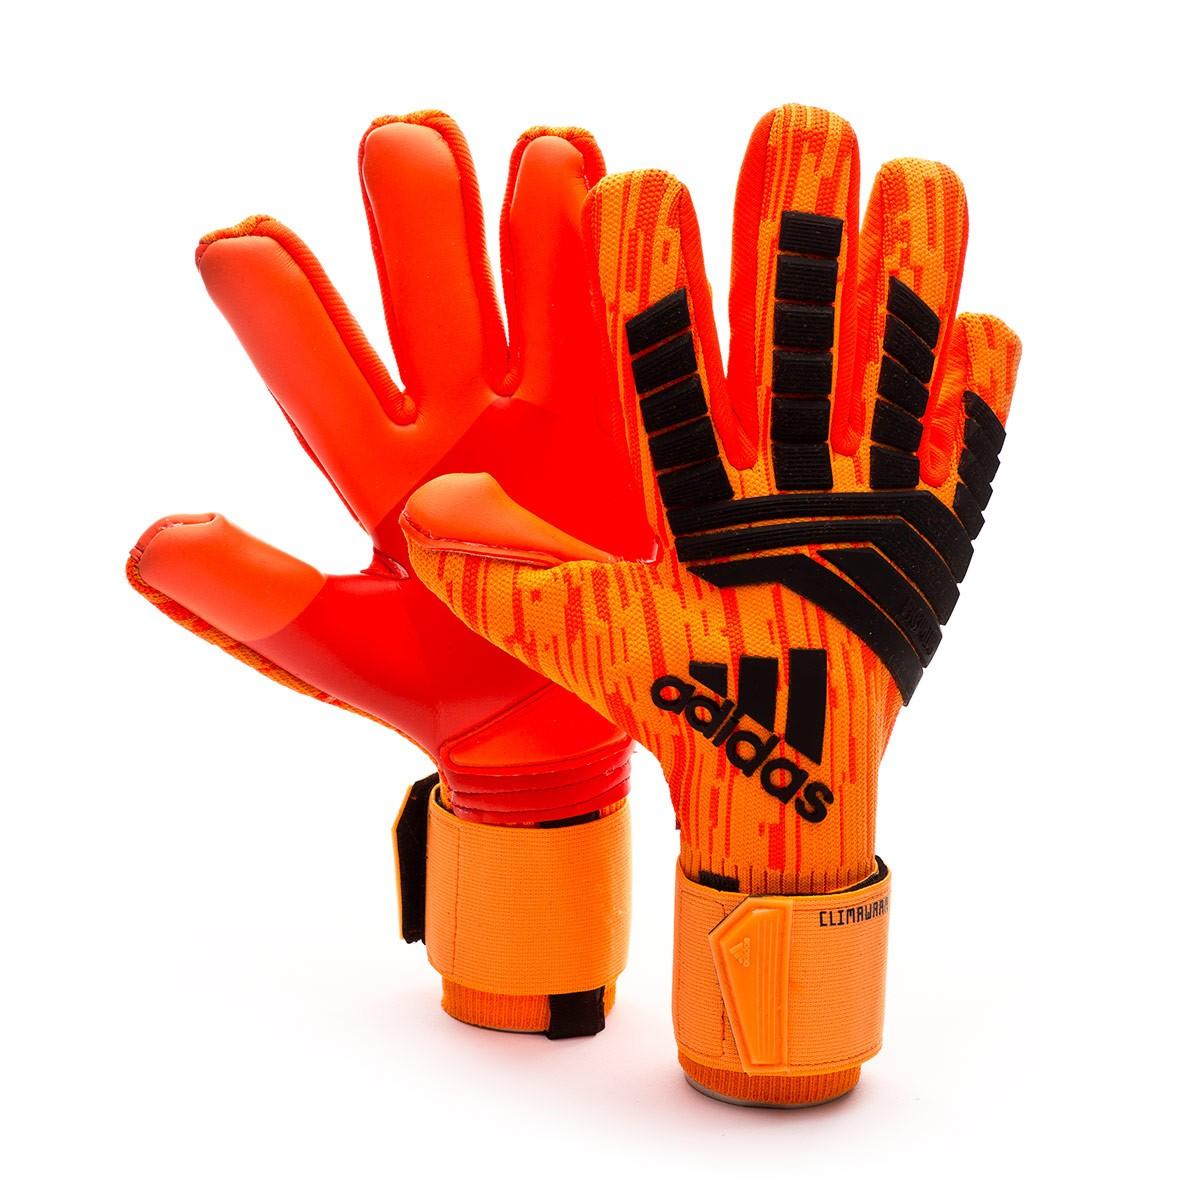 Crudo en lugar Obsesión  Glove adidas Predator Clima Warm Solar red-Zest-Black - Football store  Fútbol Emotion